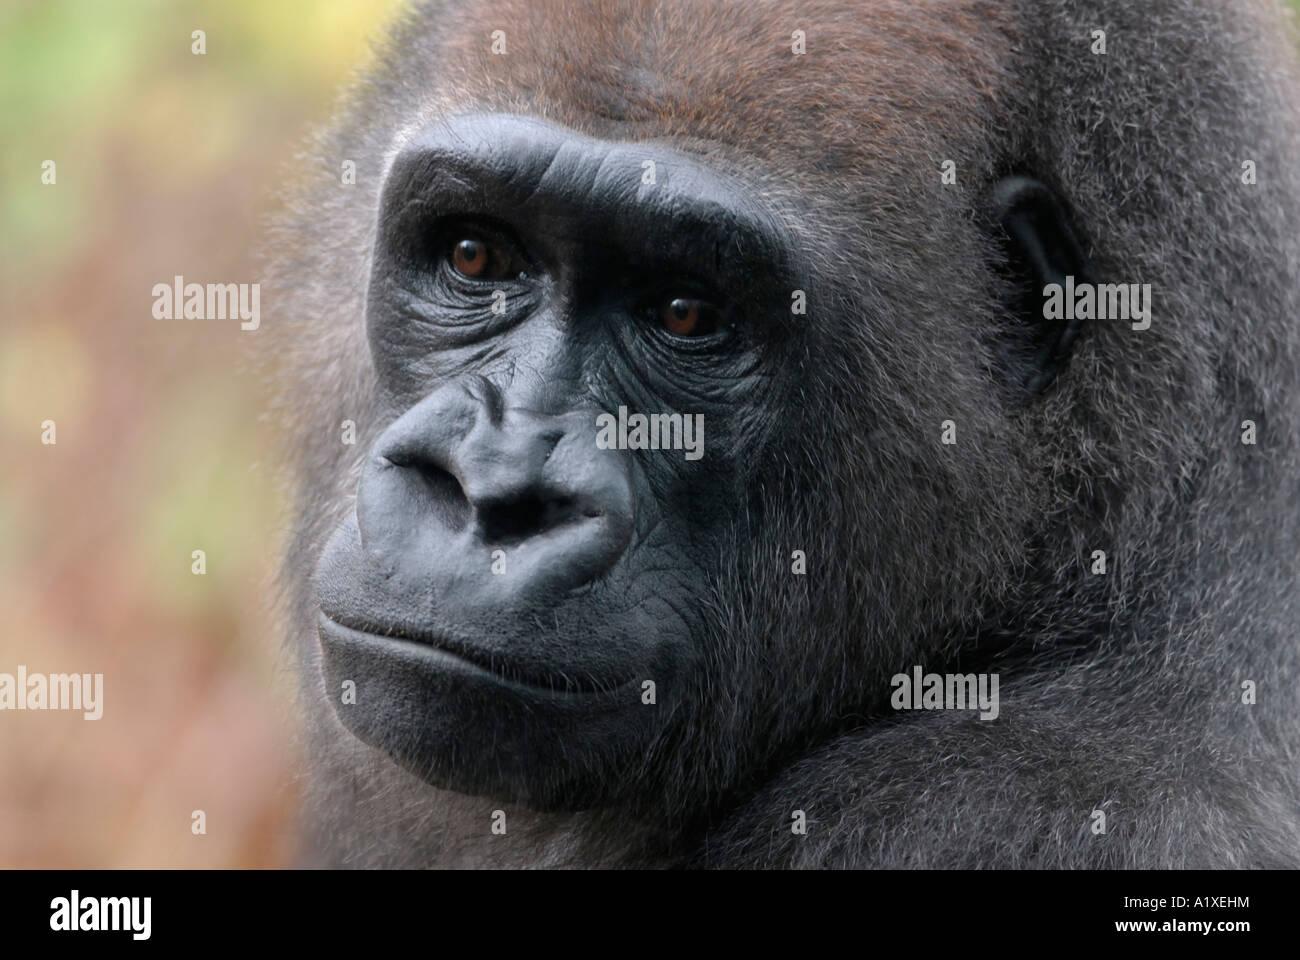 La pianura occidentale gorilla Gorilla gorilla gorilla Immagini Stock